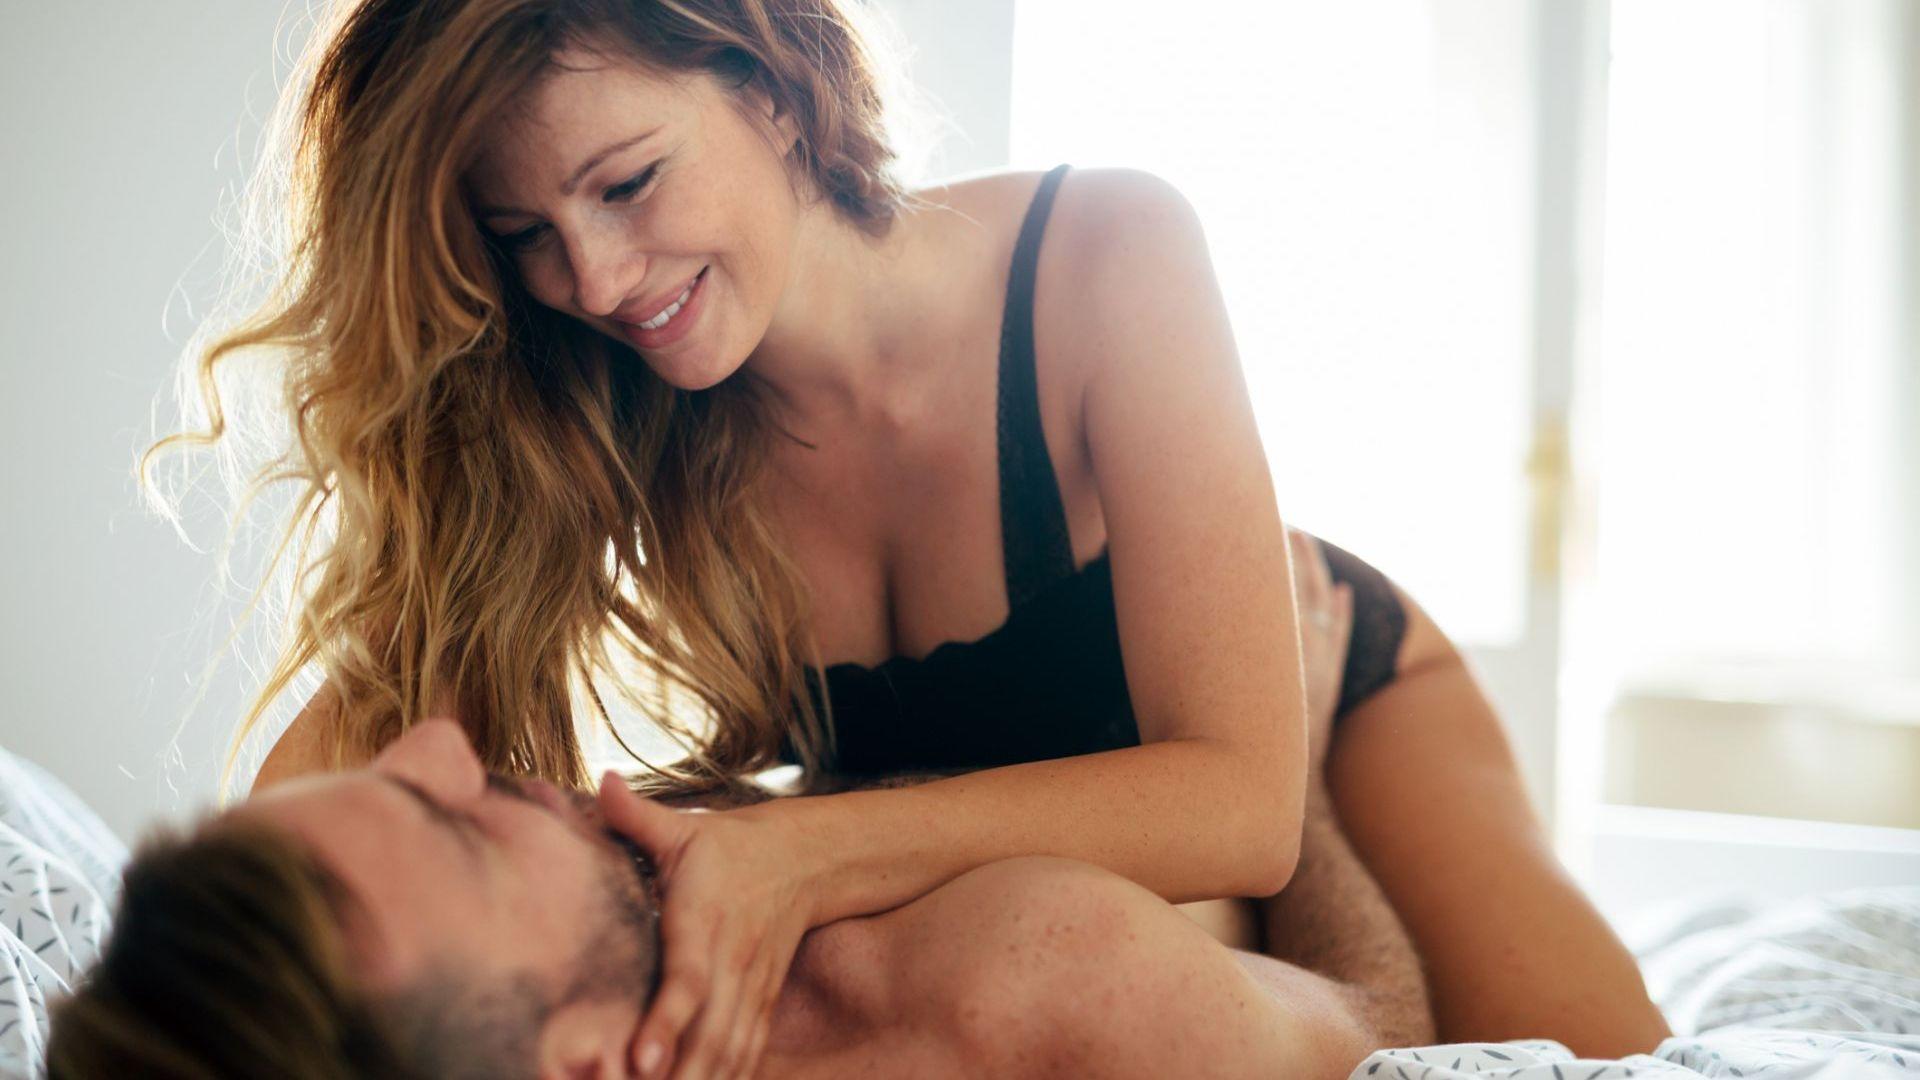 Британските режисьори не искат да снимат сексуални сцени заради COVID-19. С какво ще ги заместят?